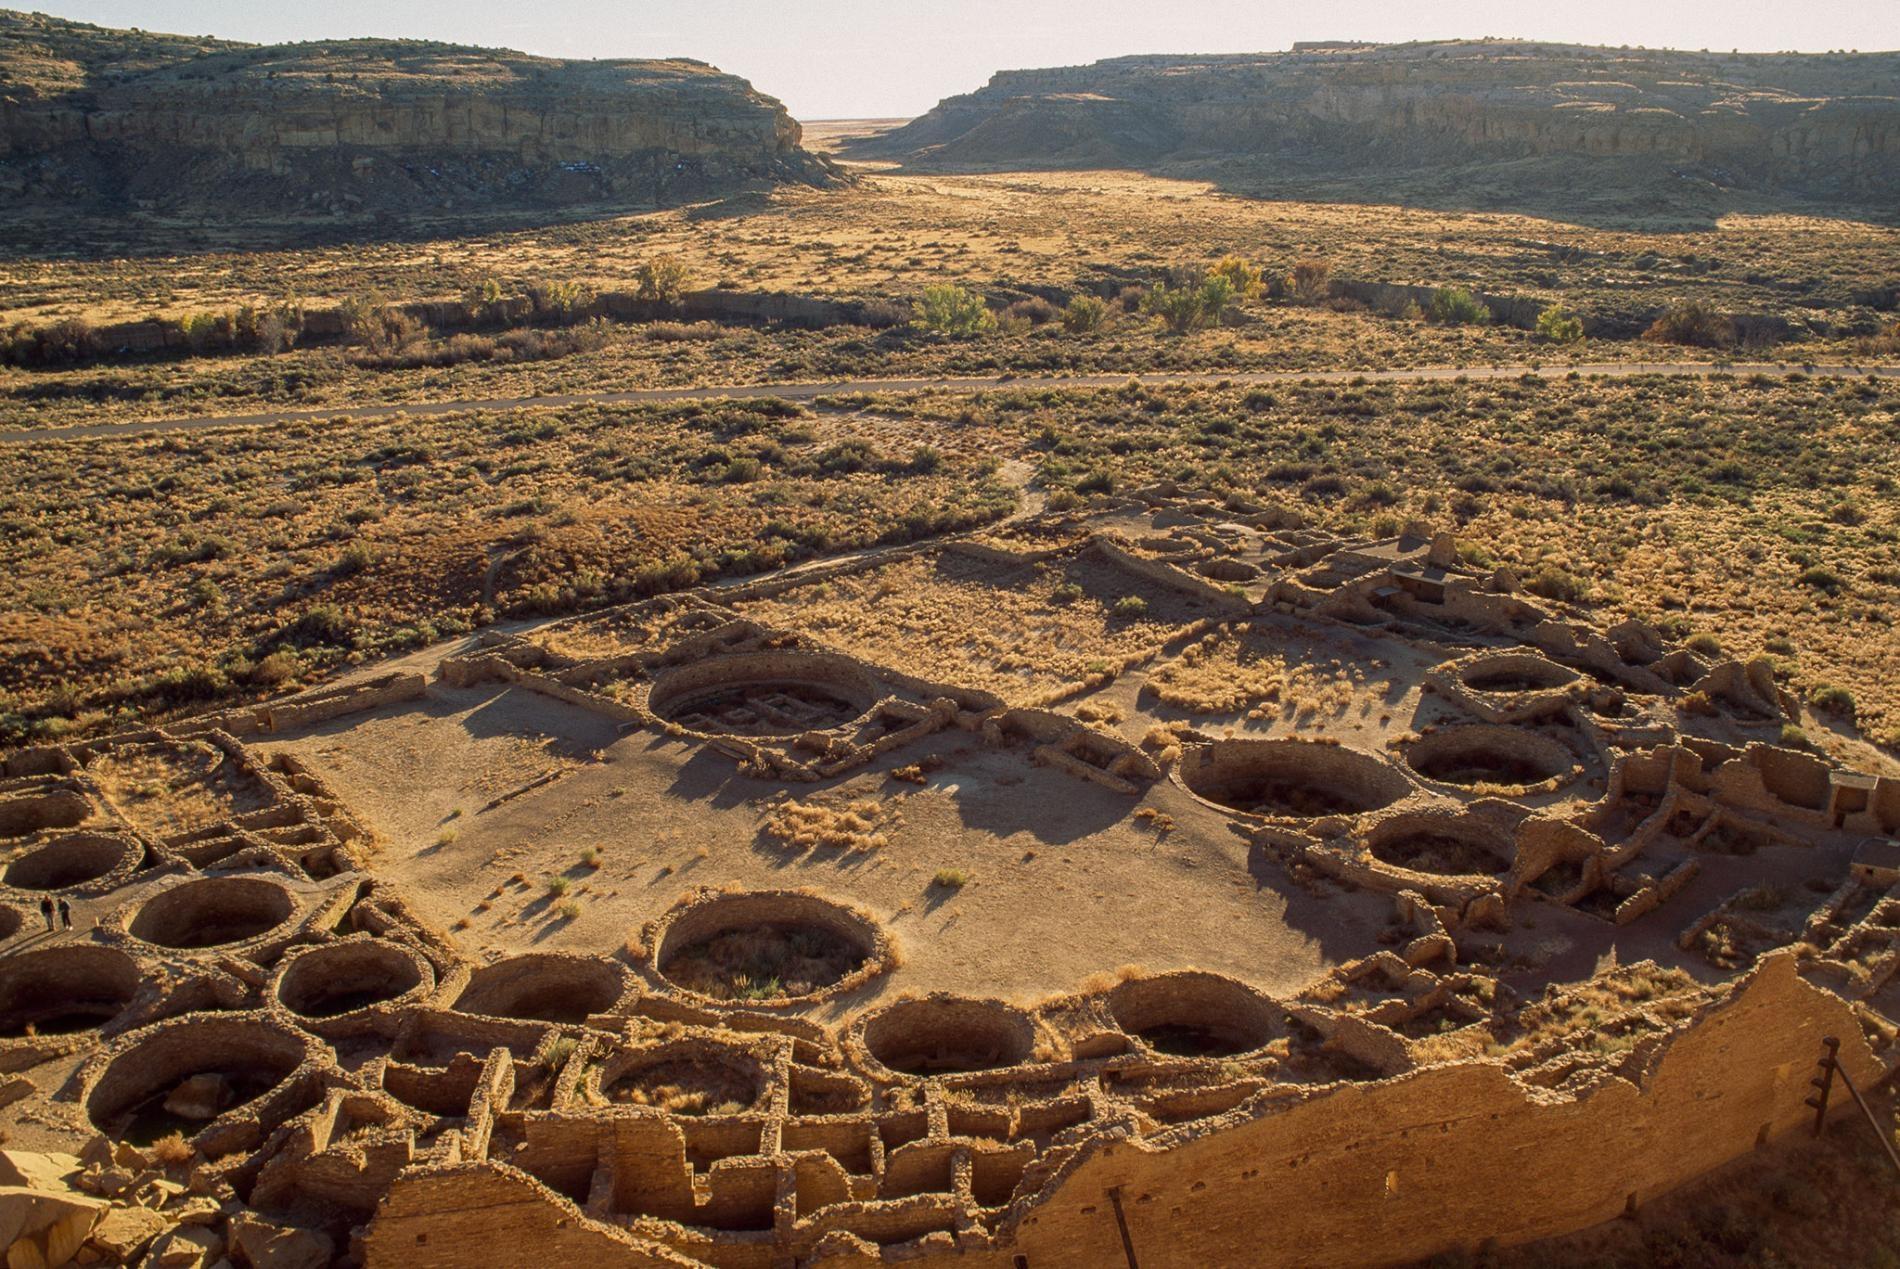 美國新墨西哥州這座被稱作普韋布洛波尼托(Pueblo Bonito)的建築遺址延伸出650間房間,公元1200年至800年間,它曾經位處查科峽谷(Chaco Canyon)聚落的中心。PHOTOGRAPH BY PHIL SCHERMEISTER, NAT GEO IMAGE COLLECTION